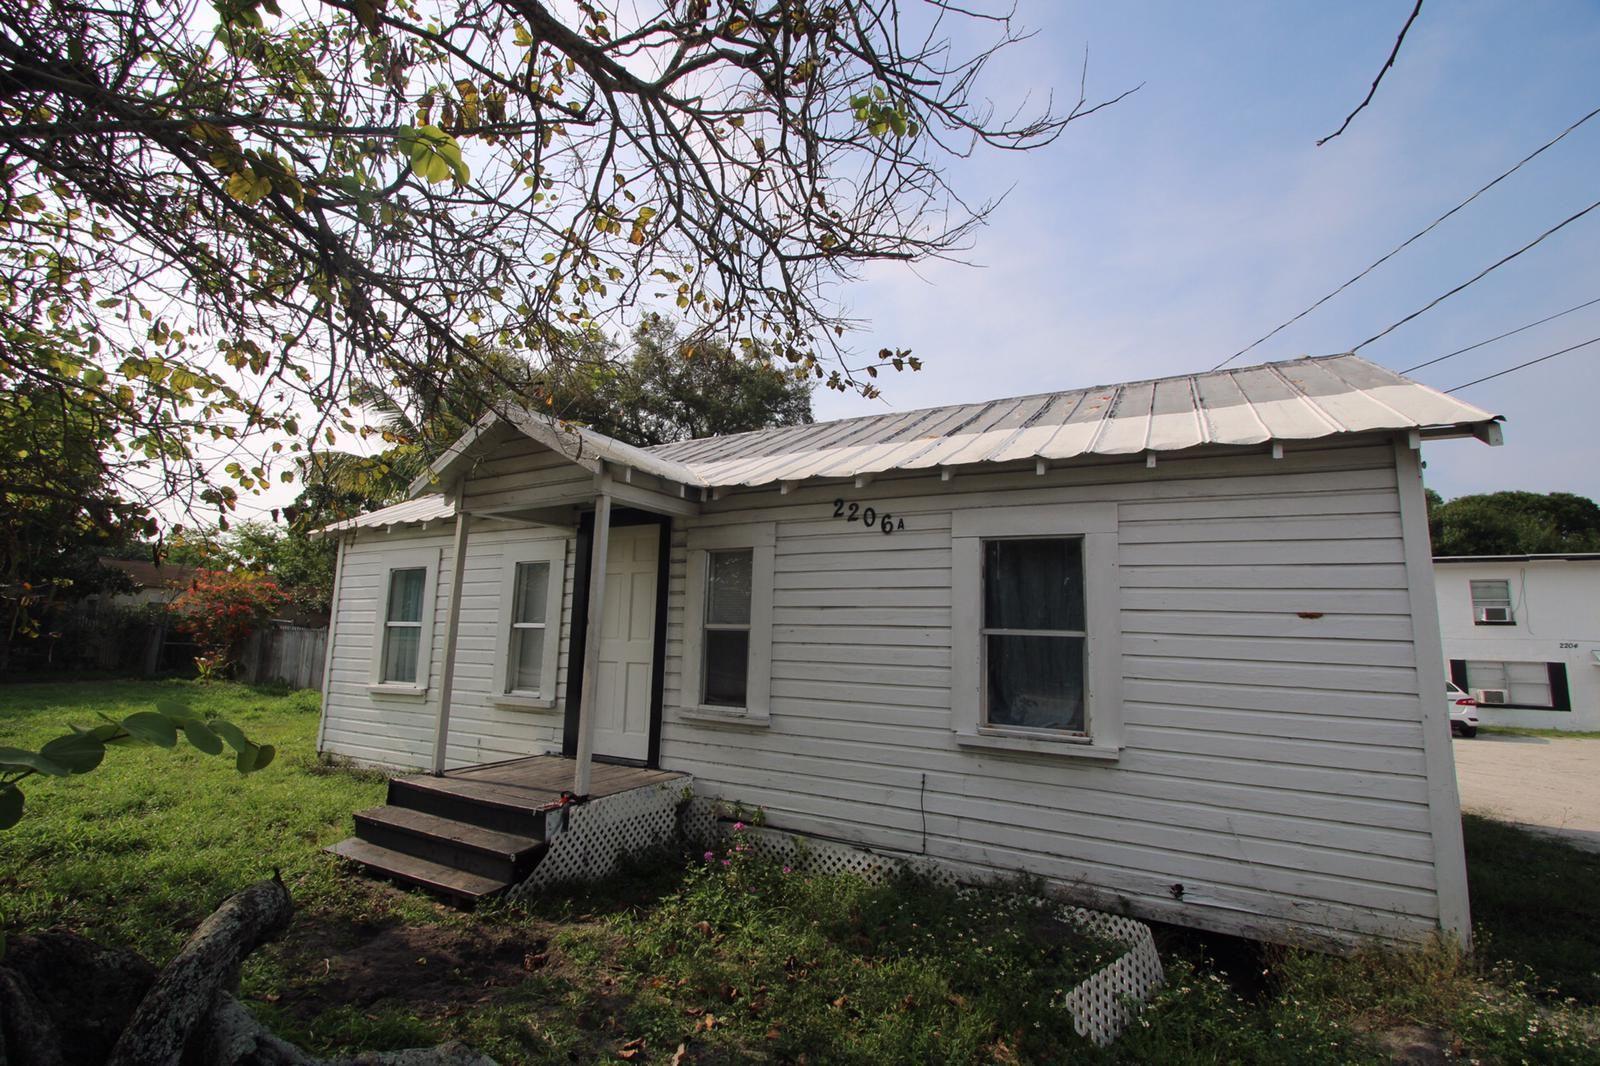 2206 Delaware Ave, Fort Pierce, FL 34950 (Image - 1) (Image - 1)